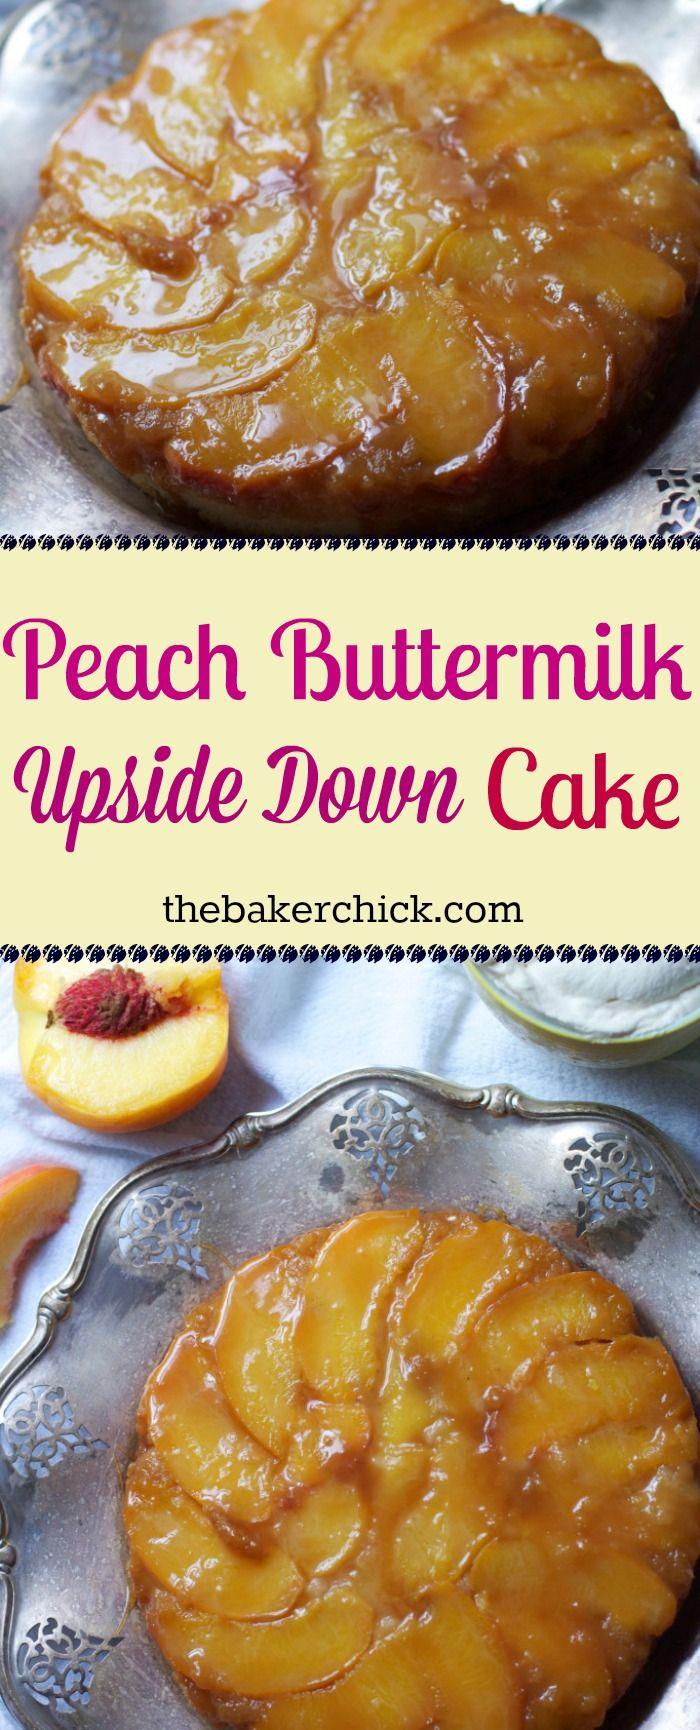 Peach Buttermilk Upside Down Cake